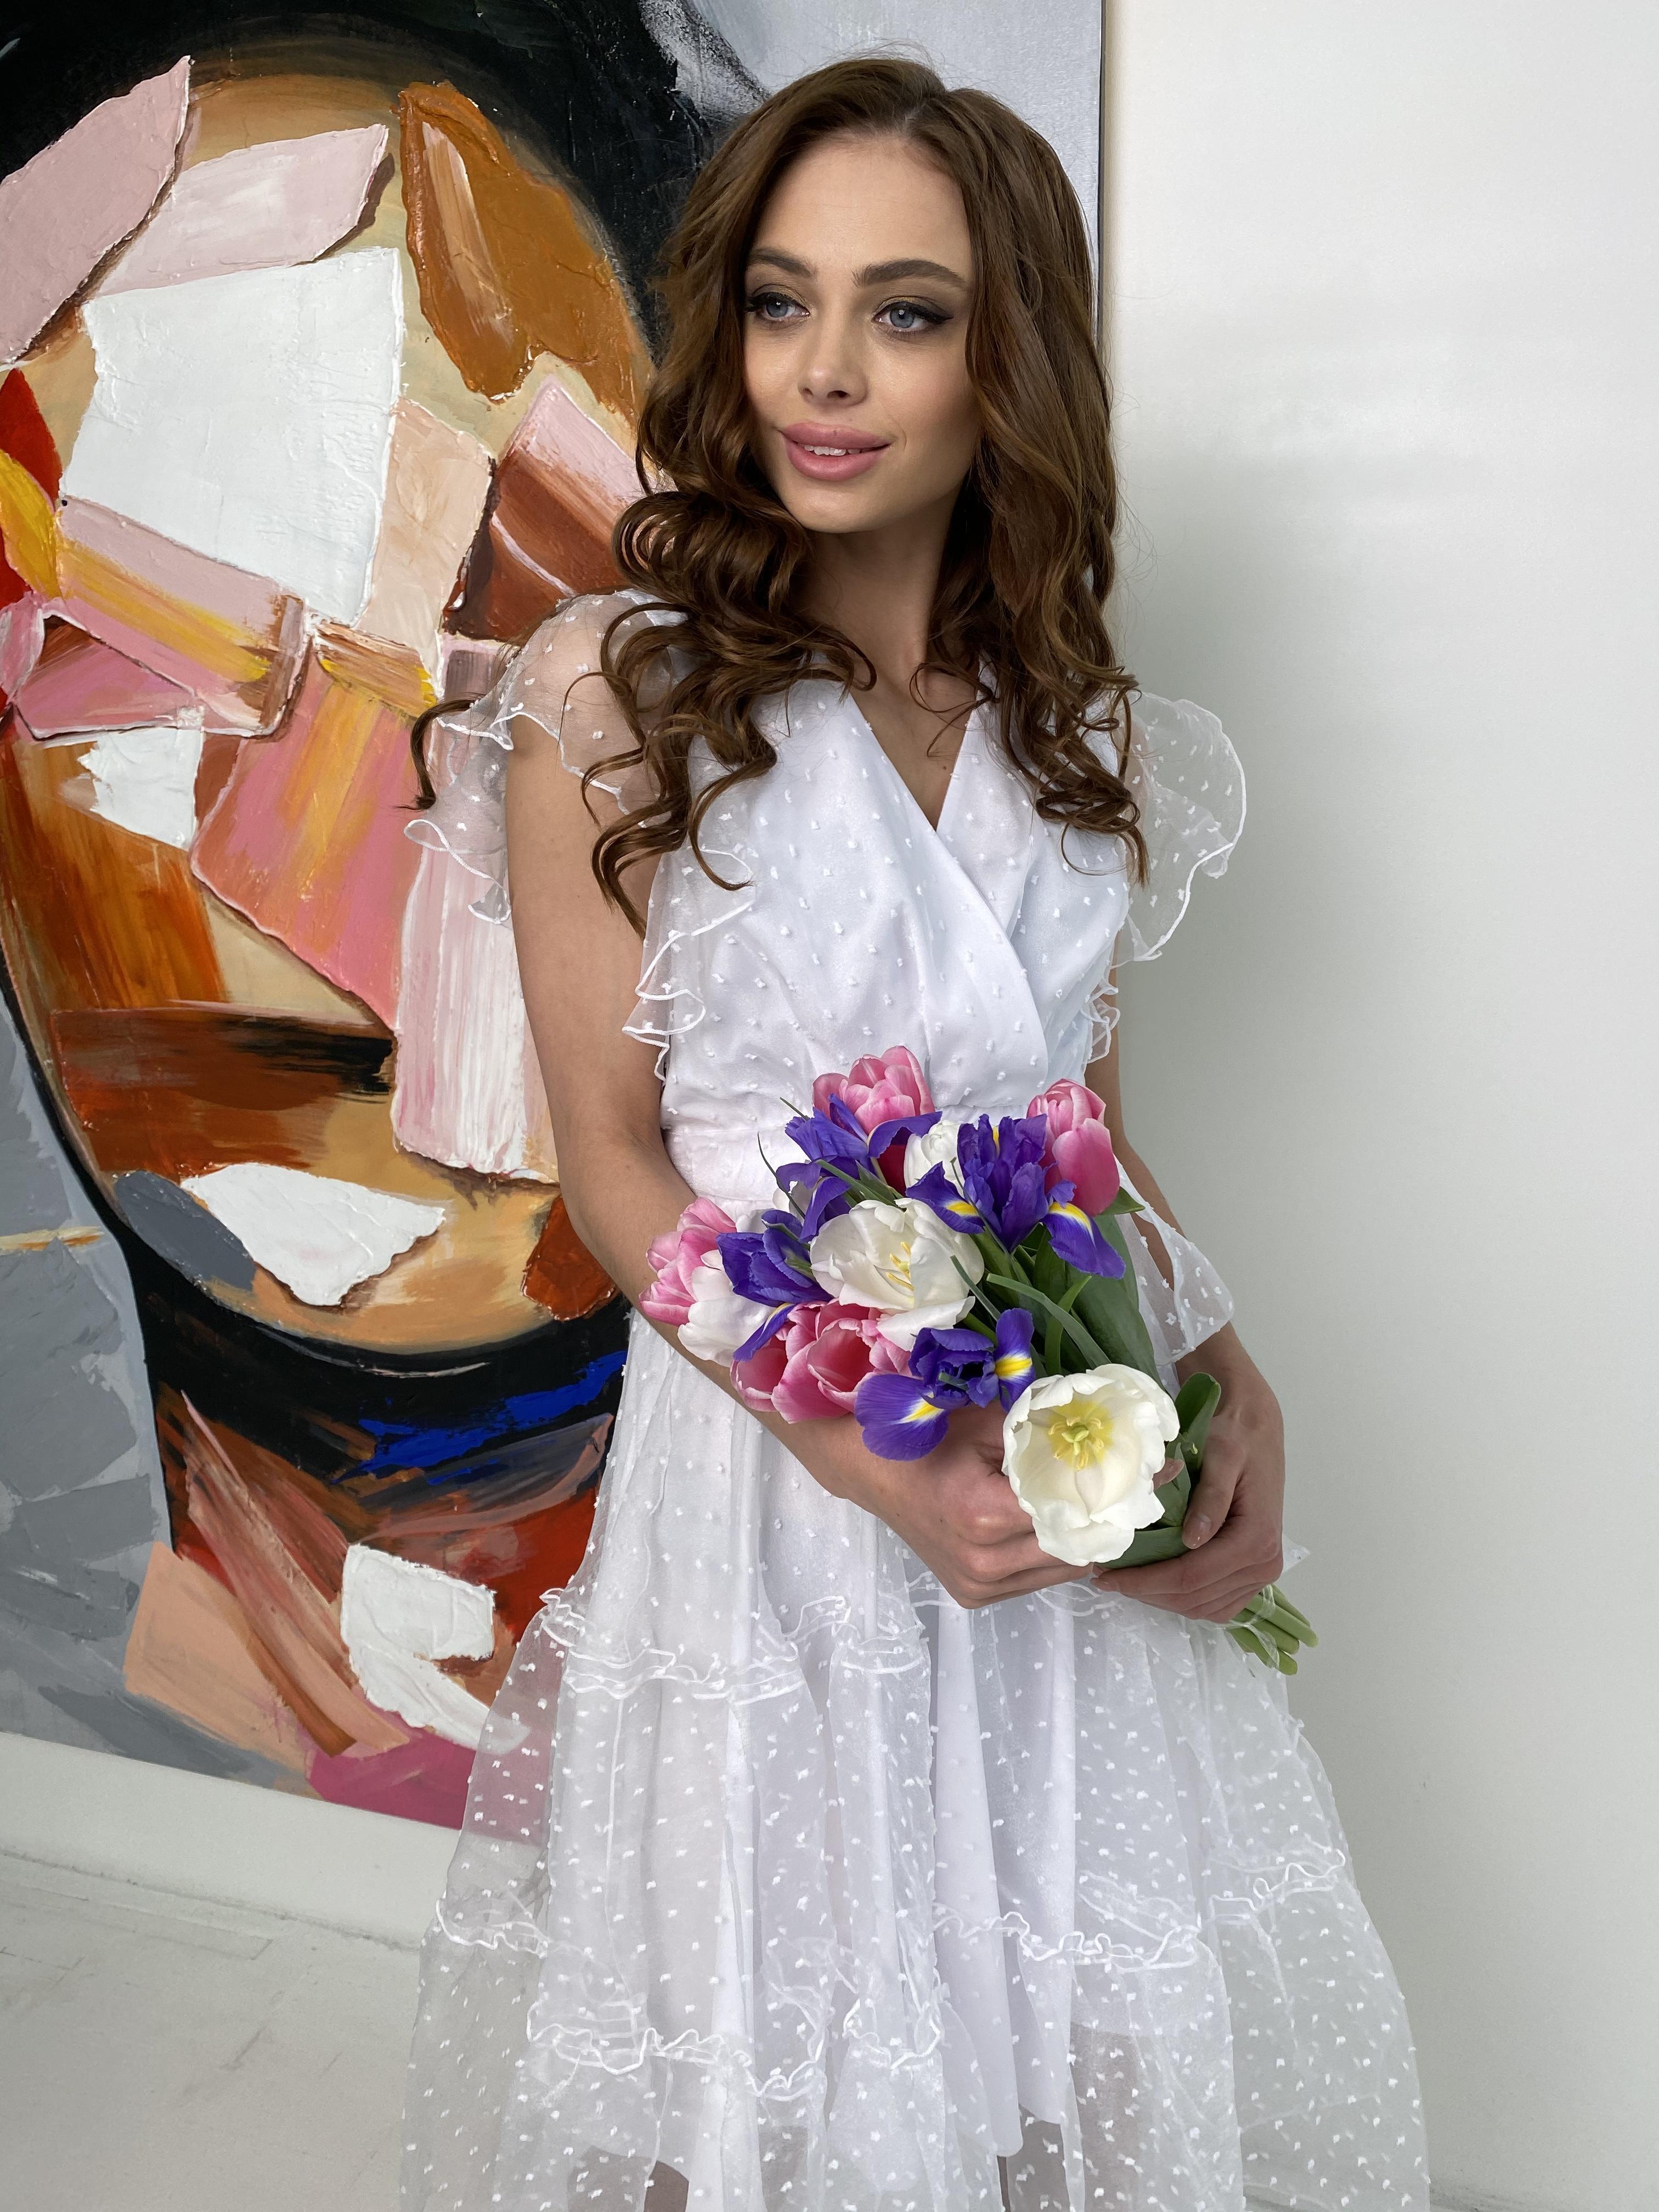 Манана платье из органзы  9101 АРТ. 45422 Цвет: Белый - фото 2, интернет магазин tm-modus.ru